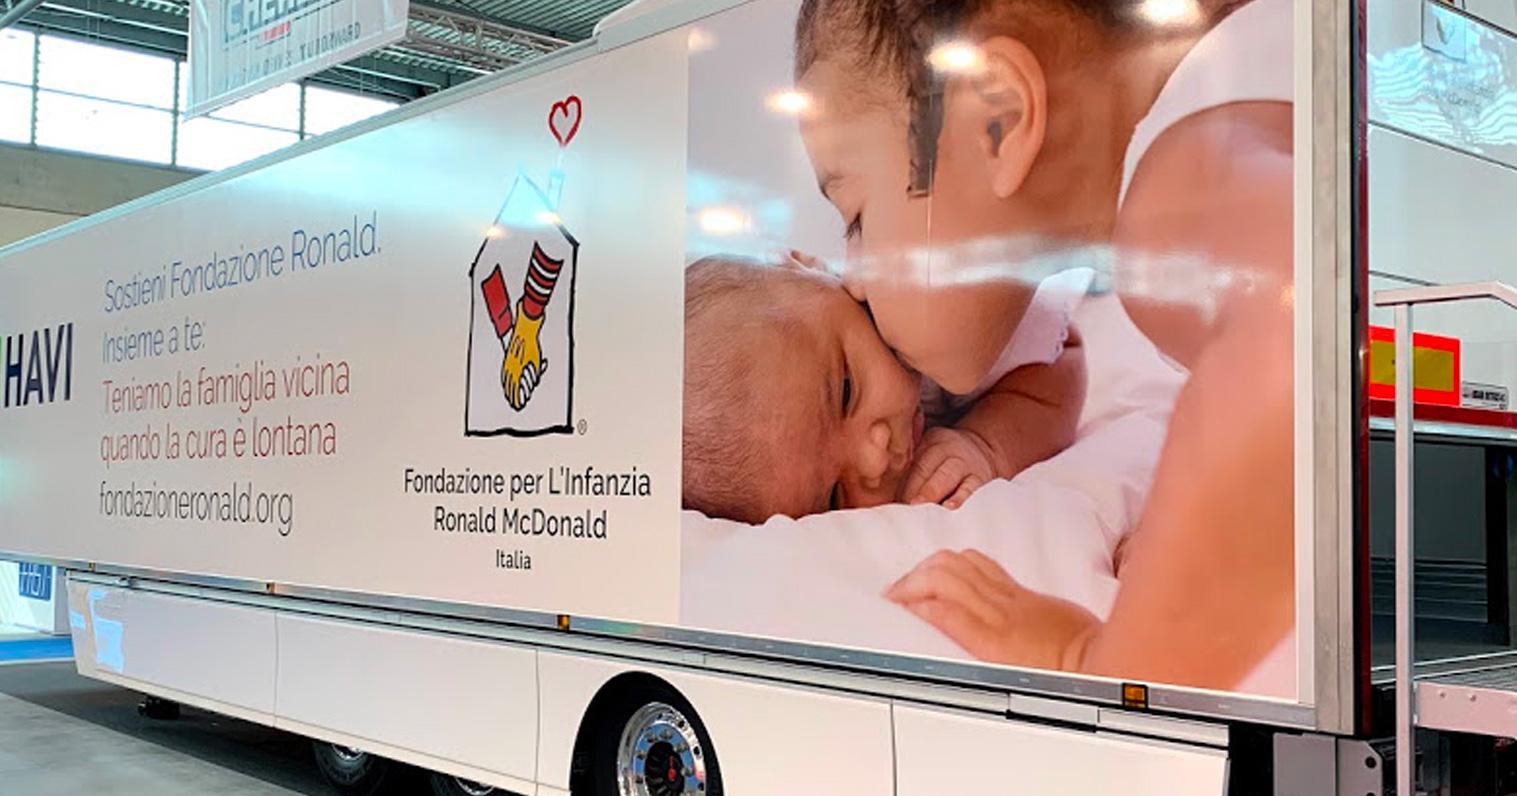 Camion brandizzato